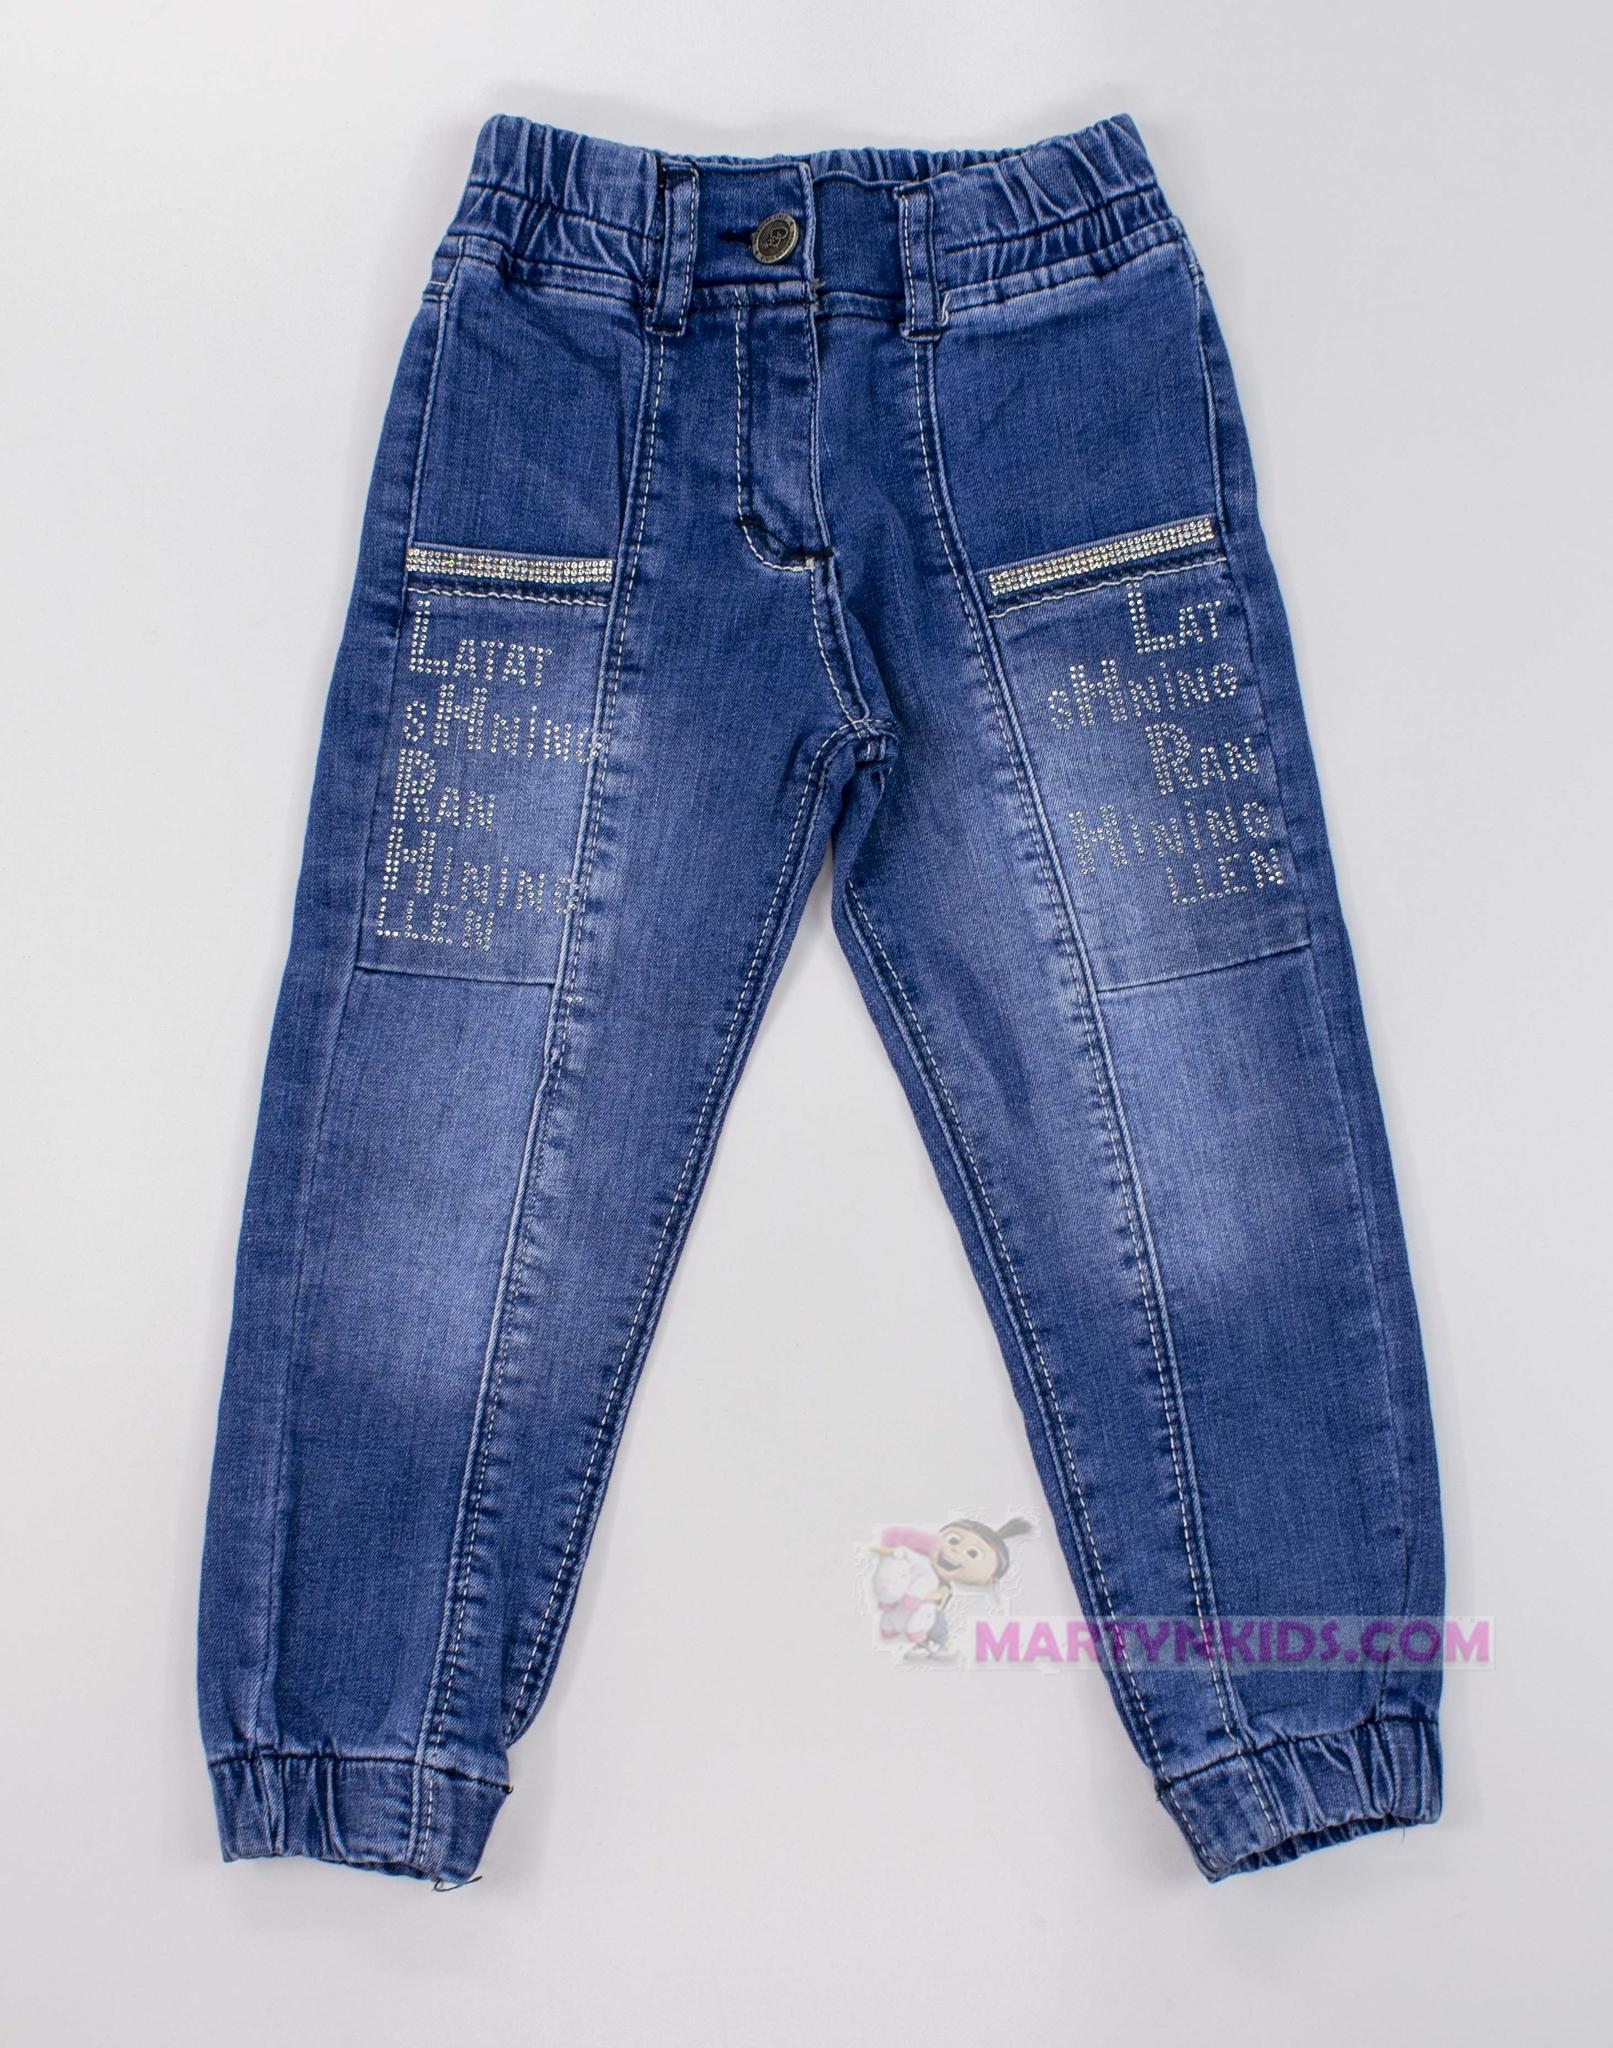 3390  джинсы Надпись стразы стрейч